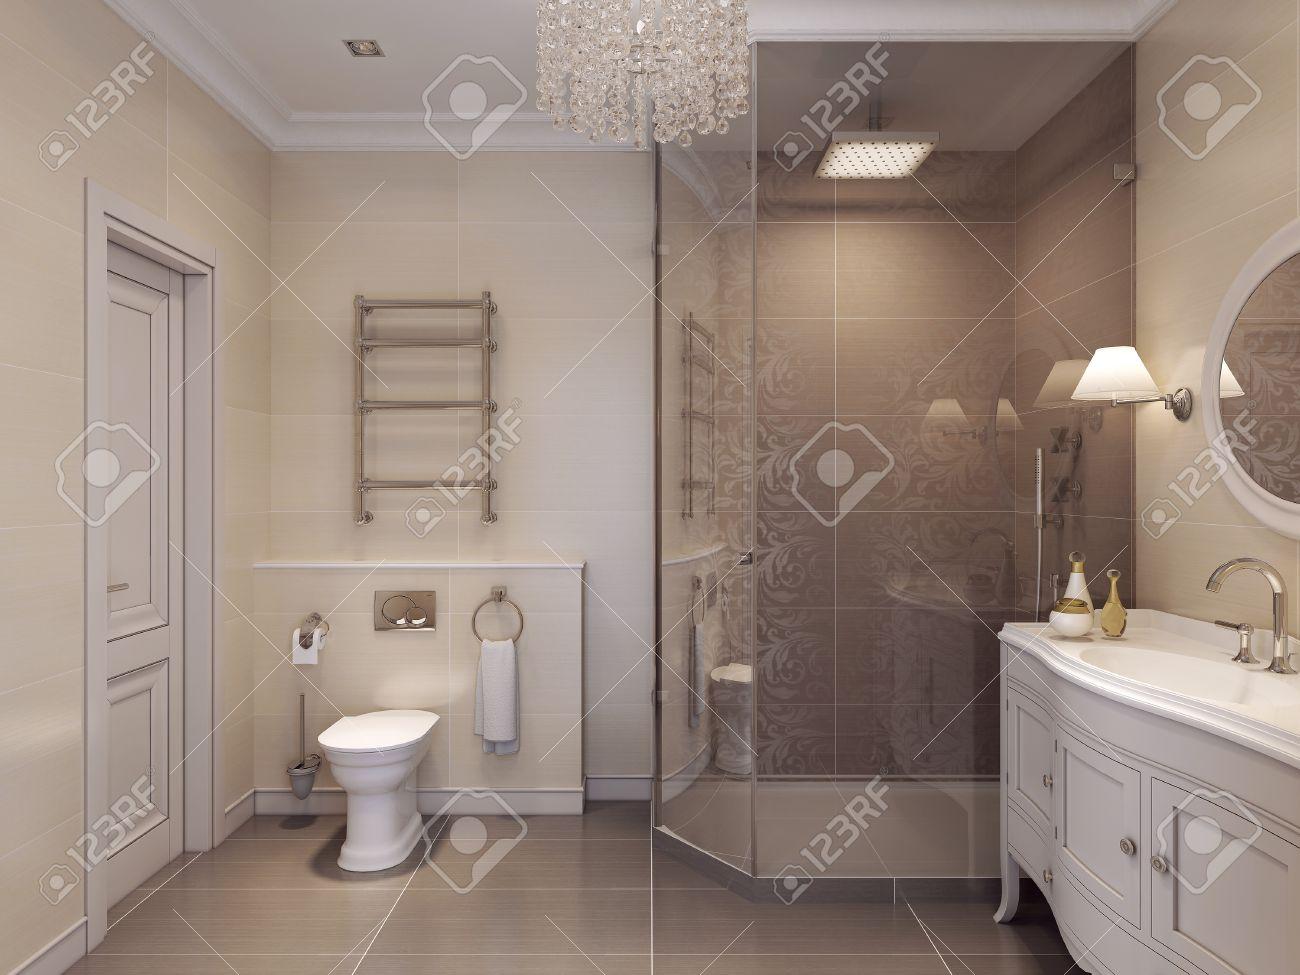 Salle de bains luxueuse dans le style art déco. Beau motif de carreaux en  marron et beige. Rendu 3D.